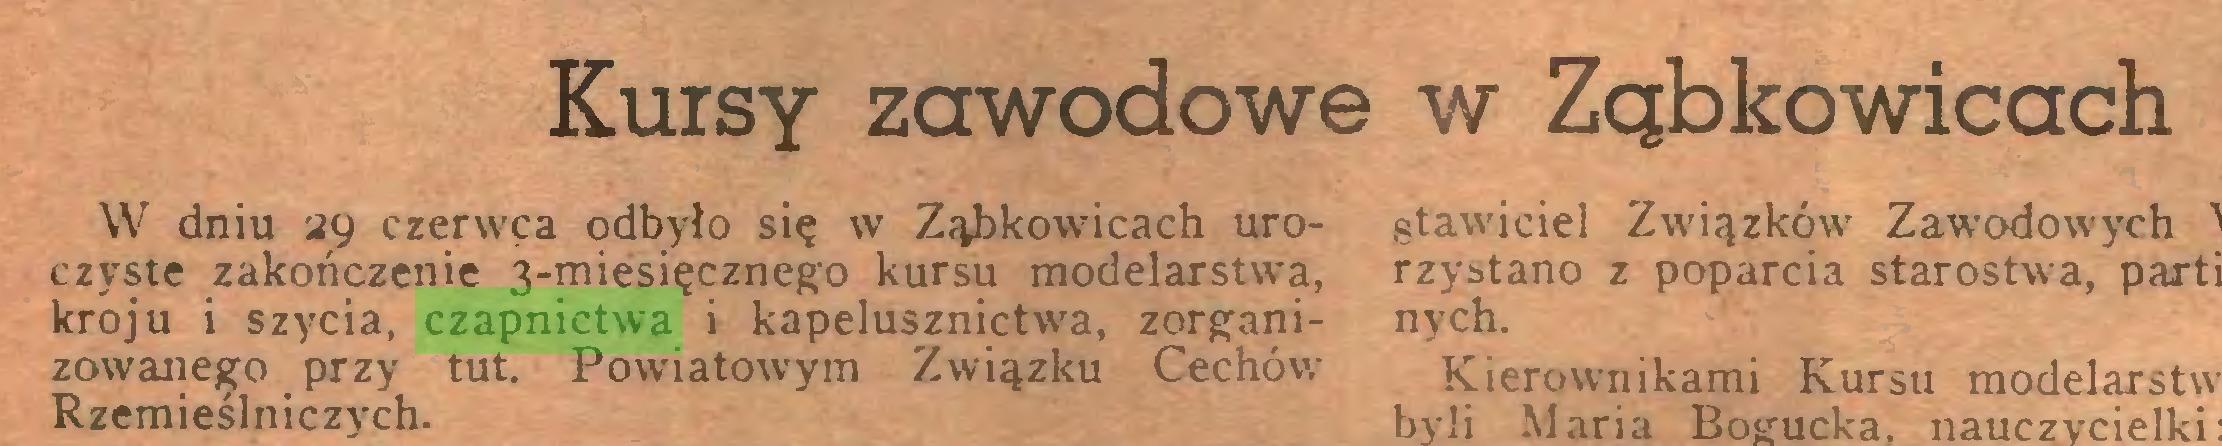 (...) Kursy zawodowe w Ząbkowicach W dniu 29 czerwca odbyło się w Ząbkowicach uroczyste zakończenie 3-miesięcznego kursu modelarstwa, kroju i szycia, czapnictwa i kapelusznictwa, zorganizowanego przy tut. Powiatowym Związku Cechów Rzemieślniczych...